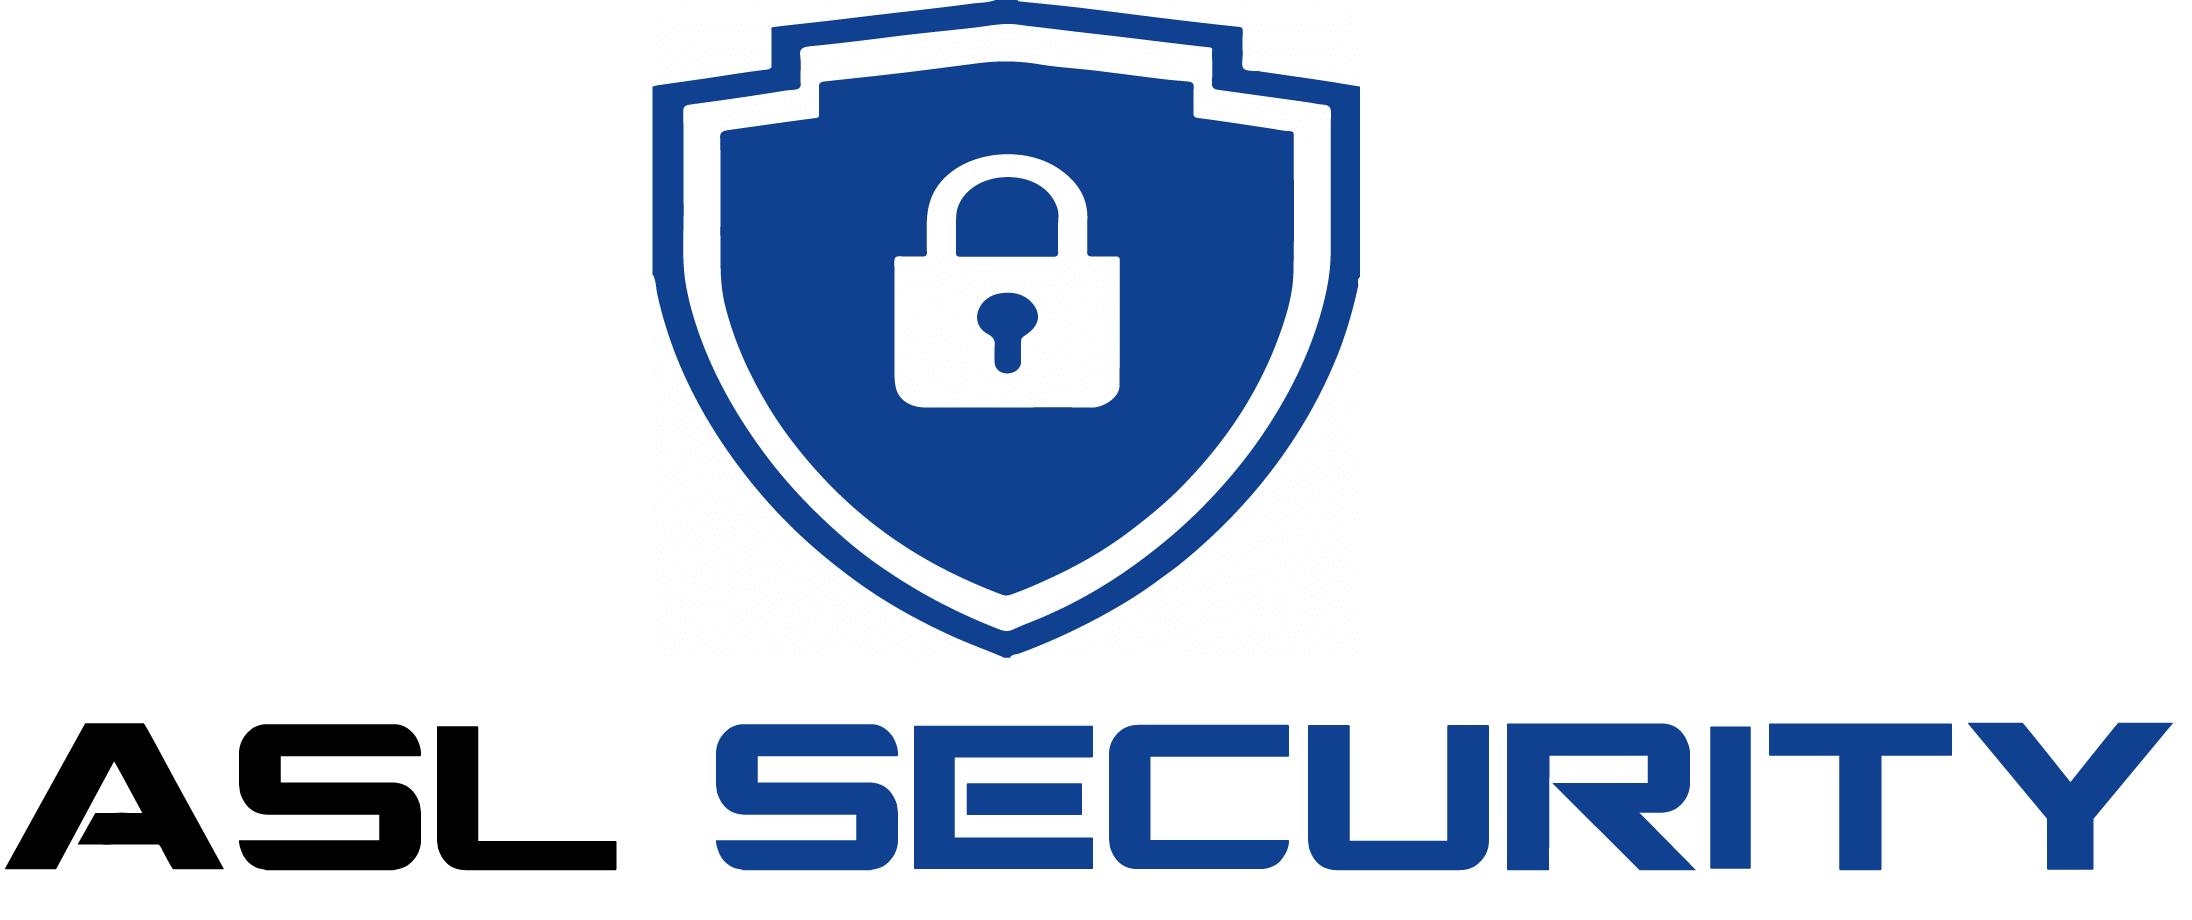 ASL SECURITY